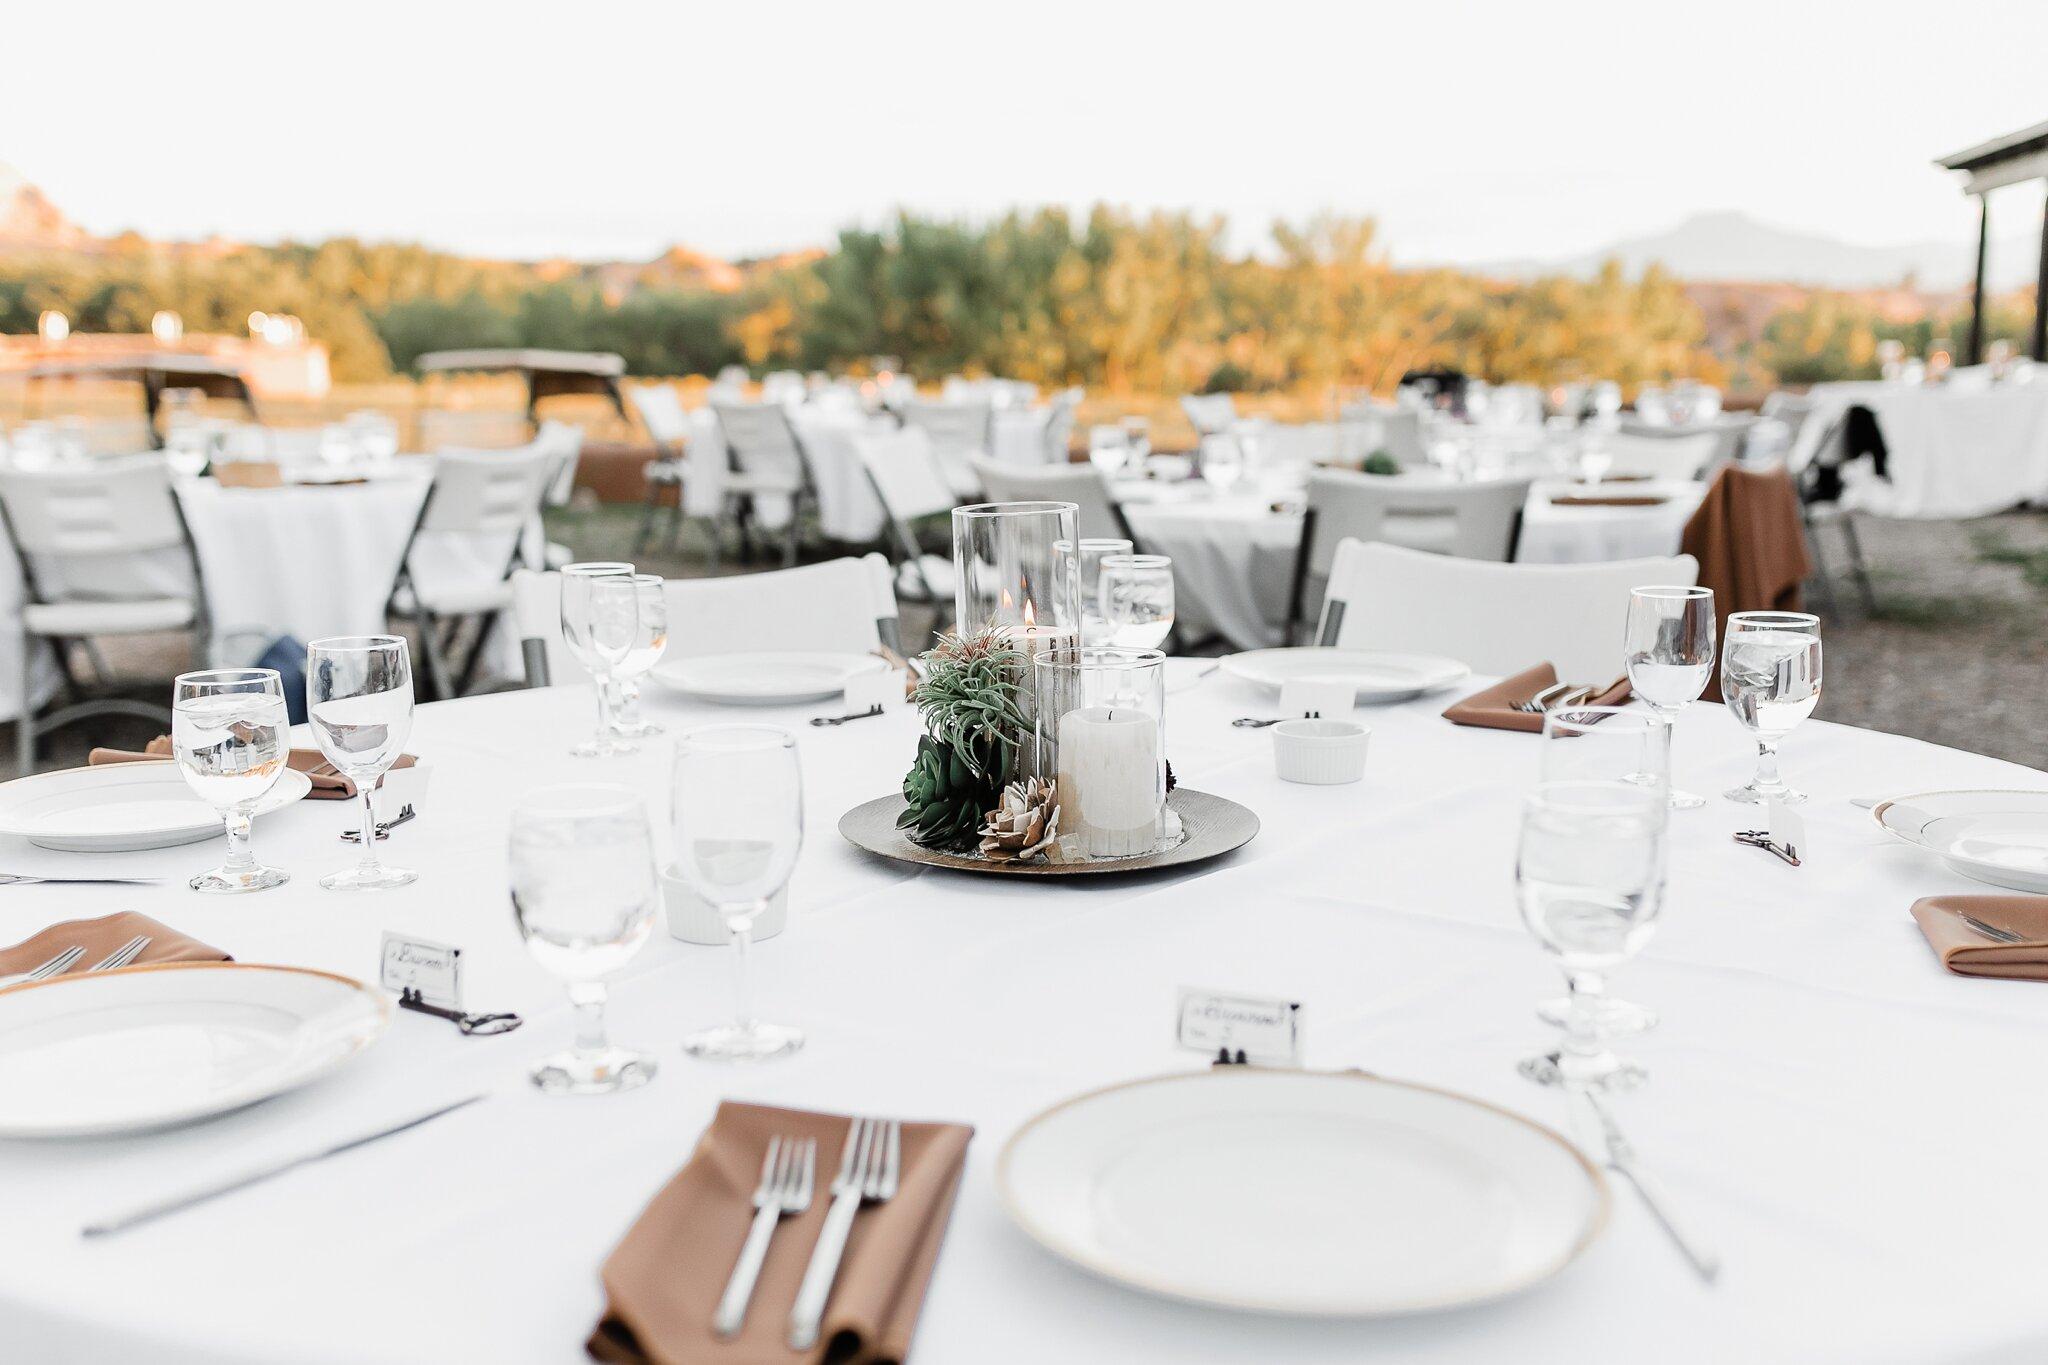 Alicia+lucia+photography+-+albuquerque+wedding+photographer+-+santa+fe+wedding+photography+-+new+mexico+wedding+photographer+-+new+mexico+wedding+-+wedding+-+santa+fe+wedding+-+ghost+ranch+-+ghost+ranch+wedding+-+fall+wedding_0073.jpg